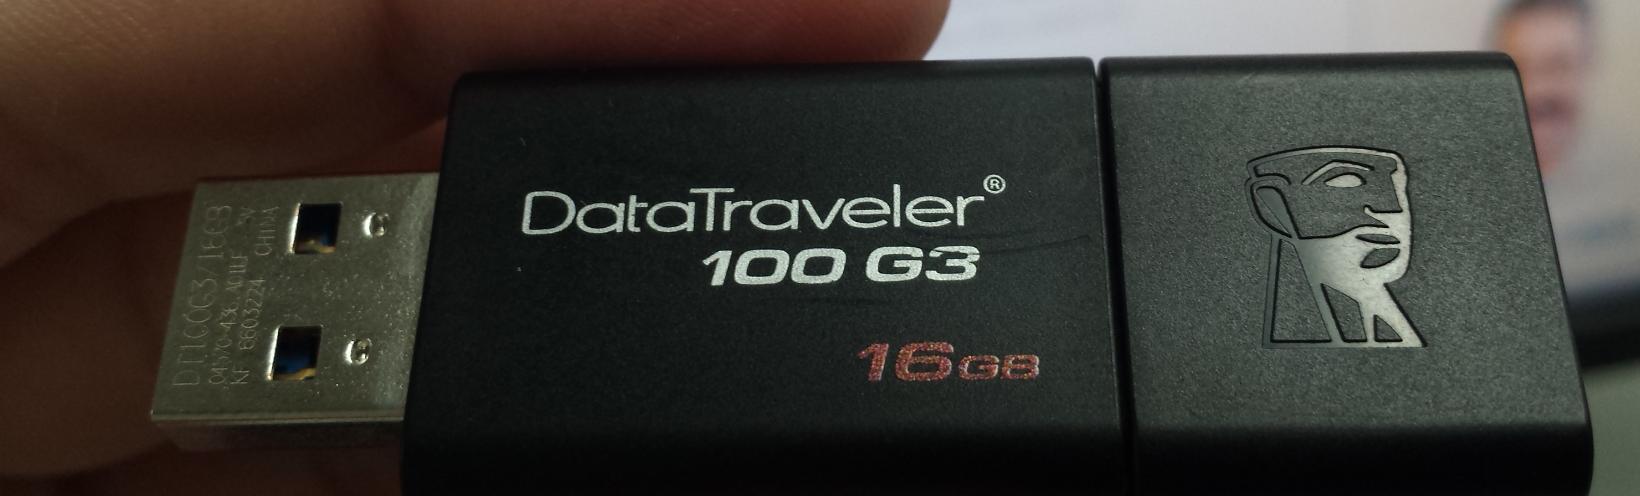 USB CentOS 7